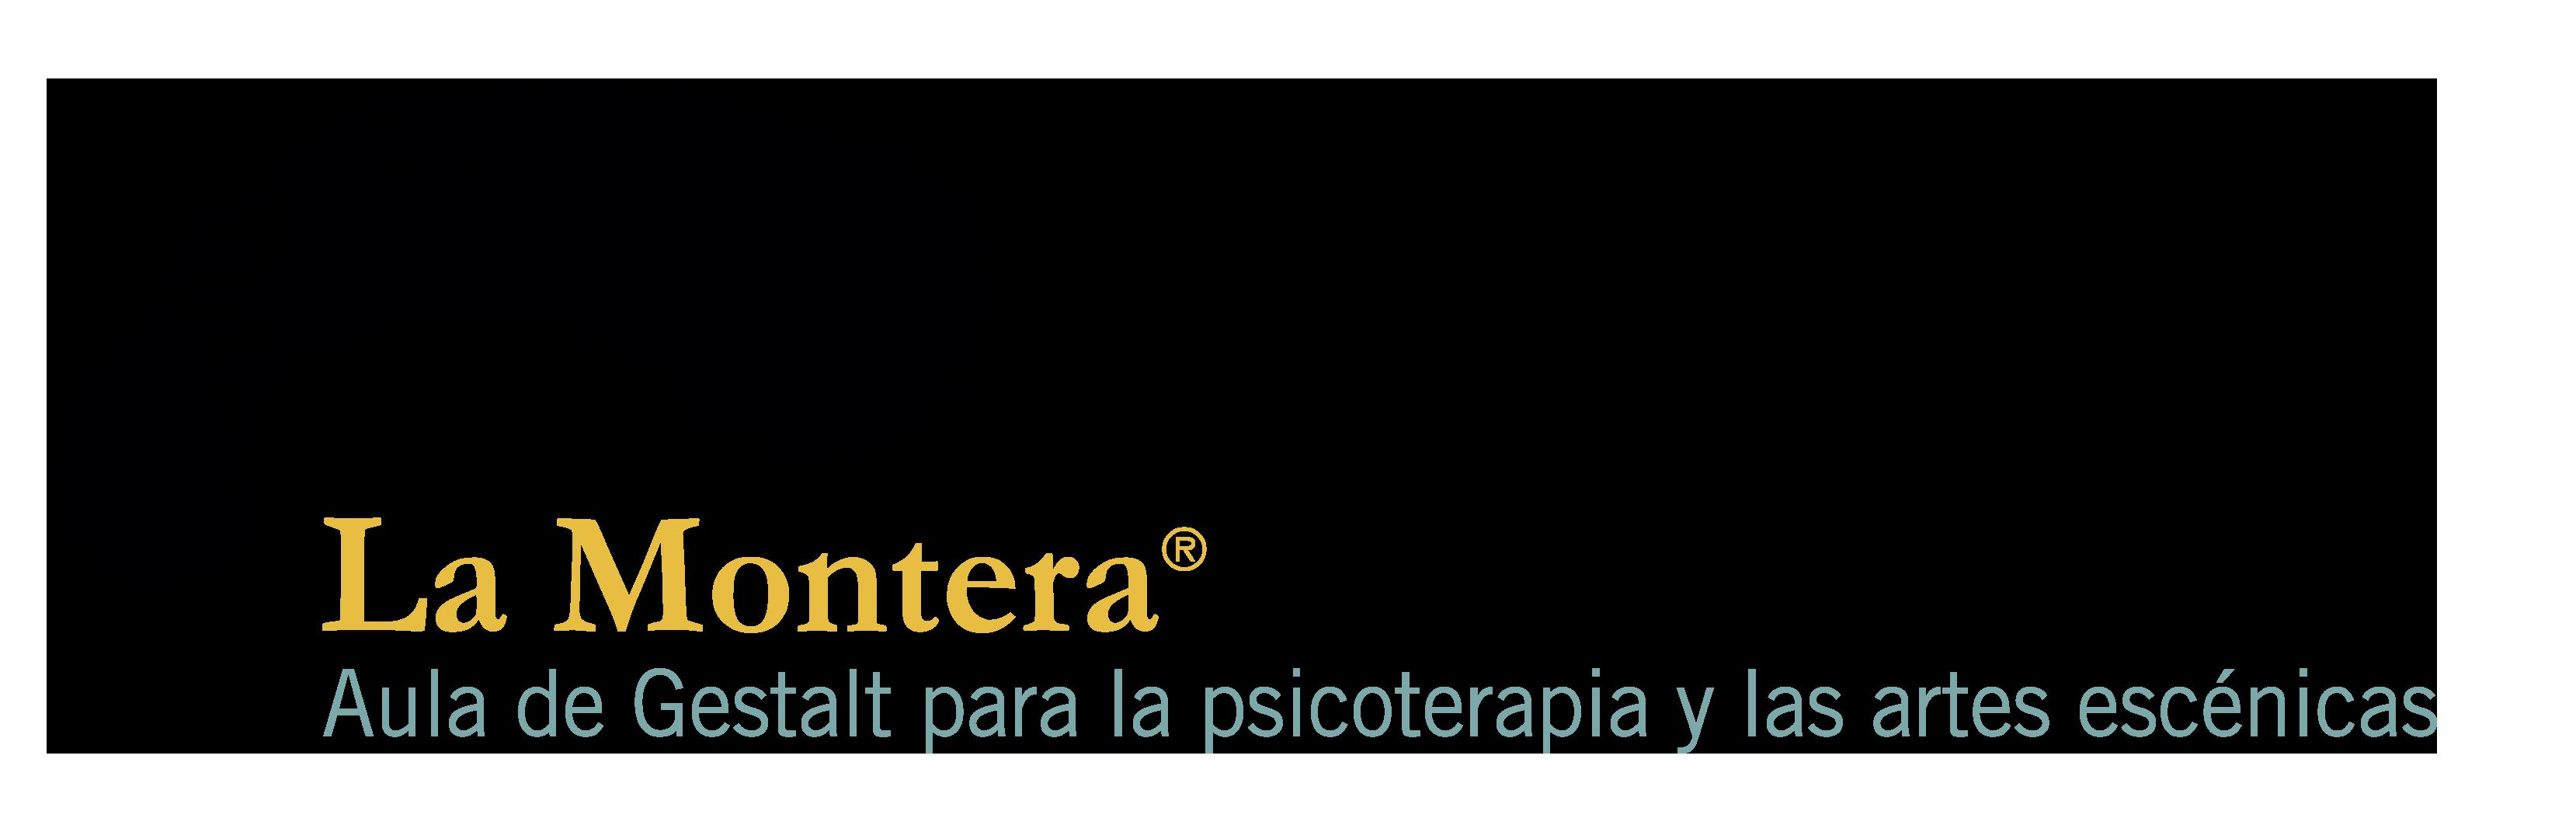 La Montera